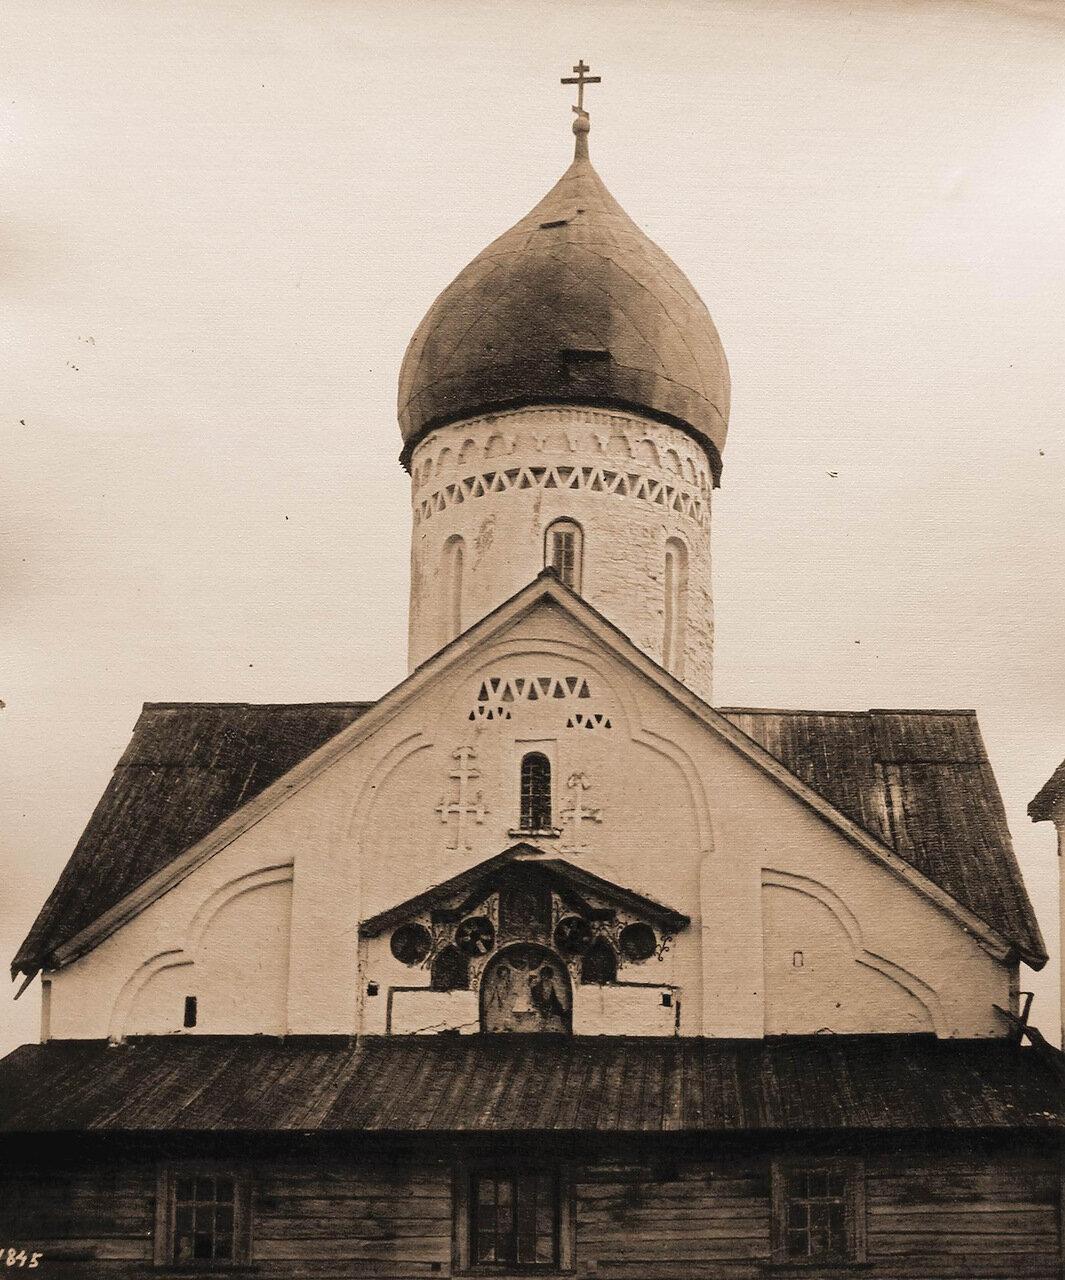 Вид купола с барабаном и часть западной стены церкви Петра и Павла